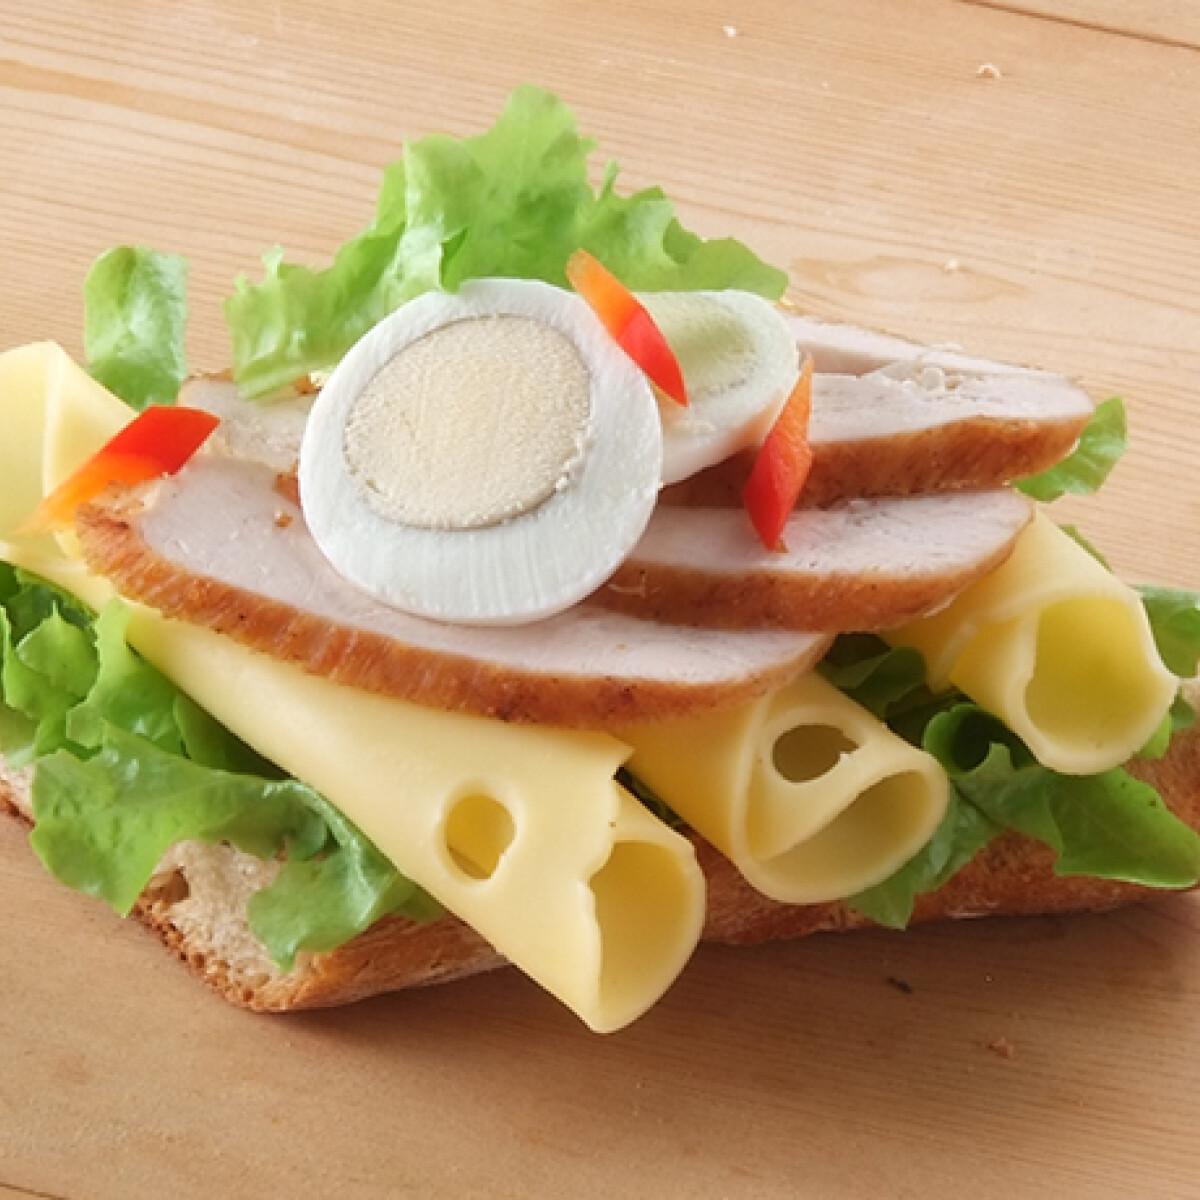 Ezen a képen: Vendégváró szendvicsek